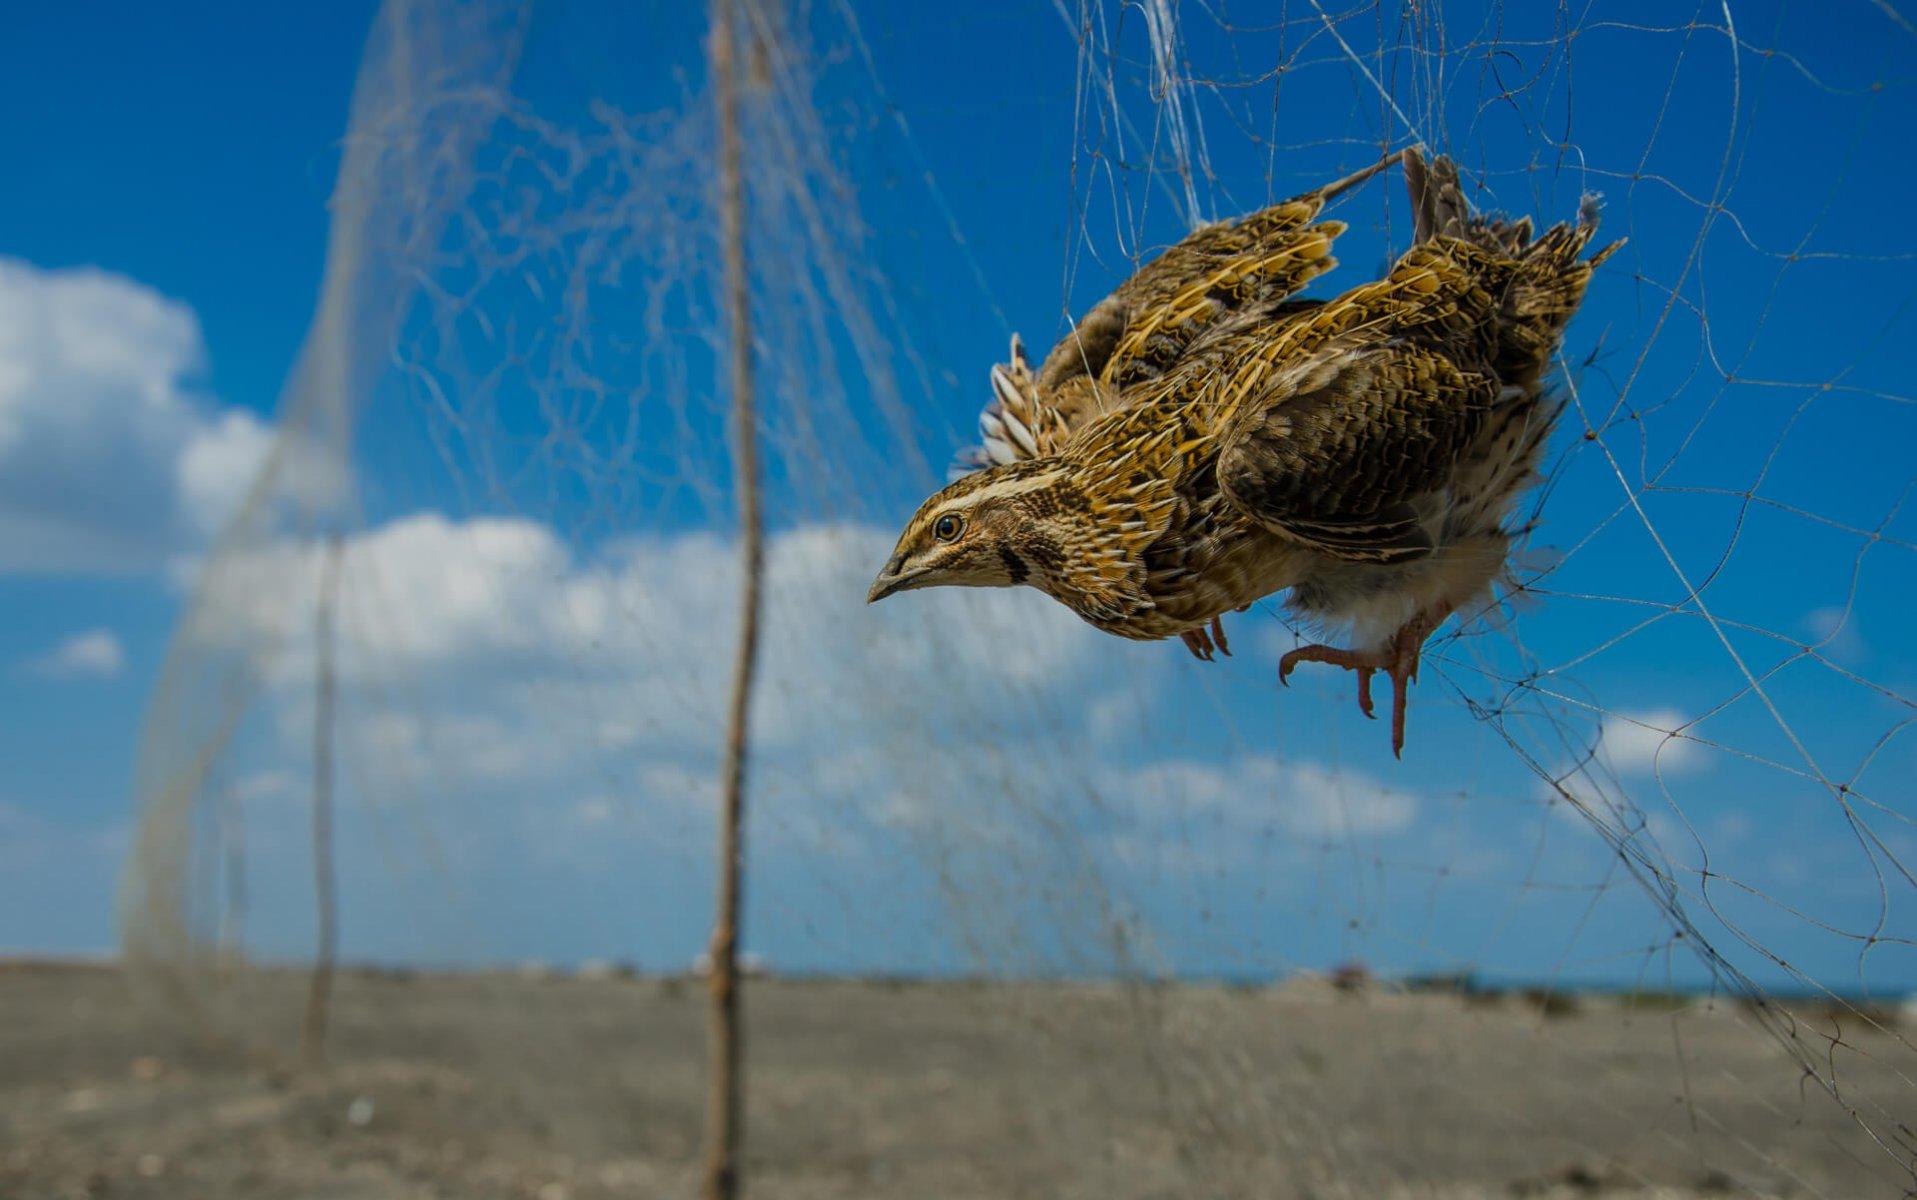 上图:埃及人用网罗捕捉鹌鹑。古代中东人用网罗来捕鸟,鸟类无法靠自己摆脱网罗,一旦陷入、很难生还。所以「保守自己生命的,必要远离」(箴二十5)。